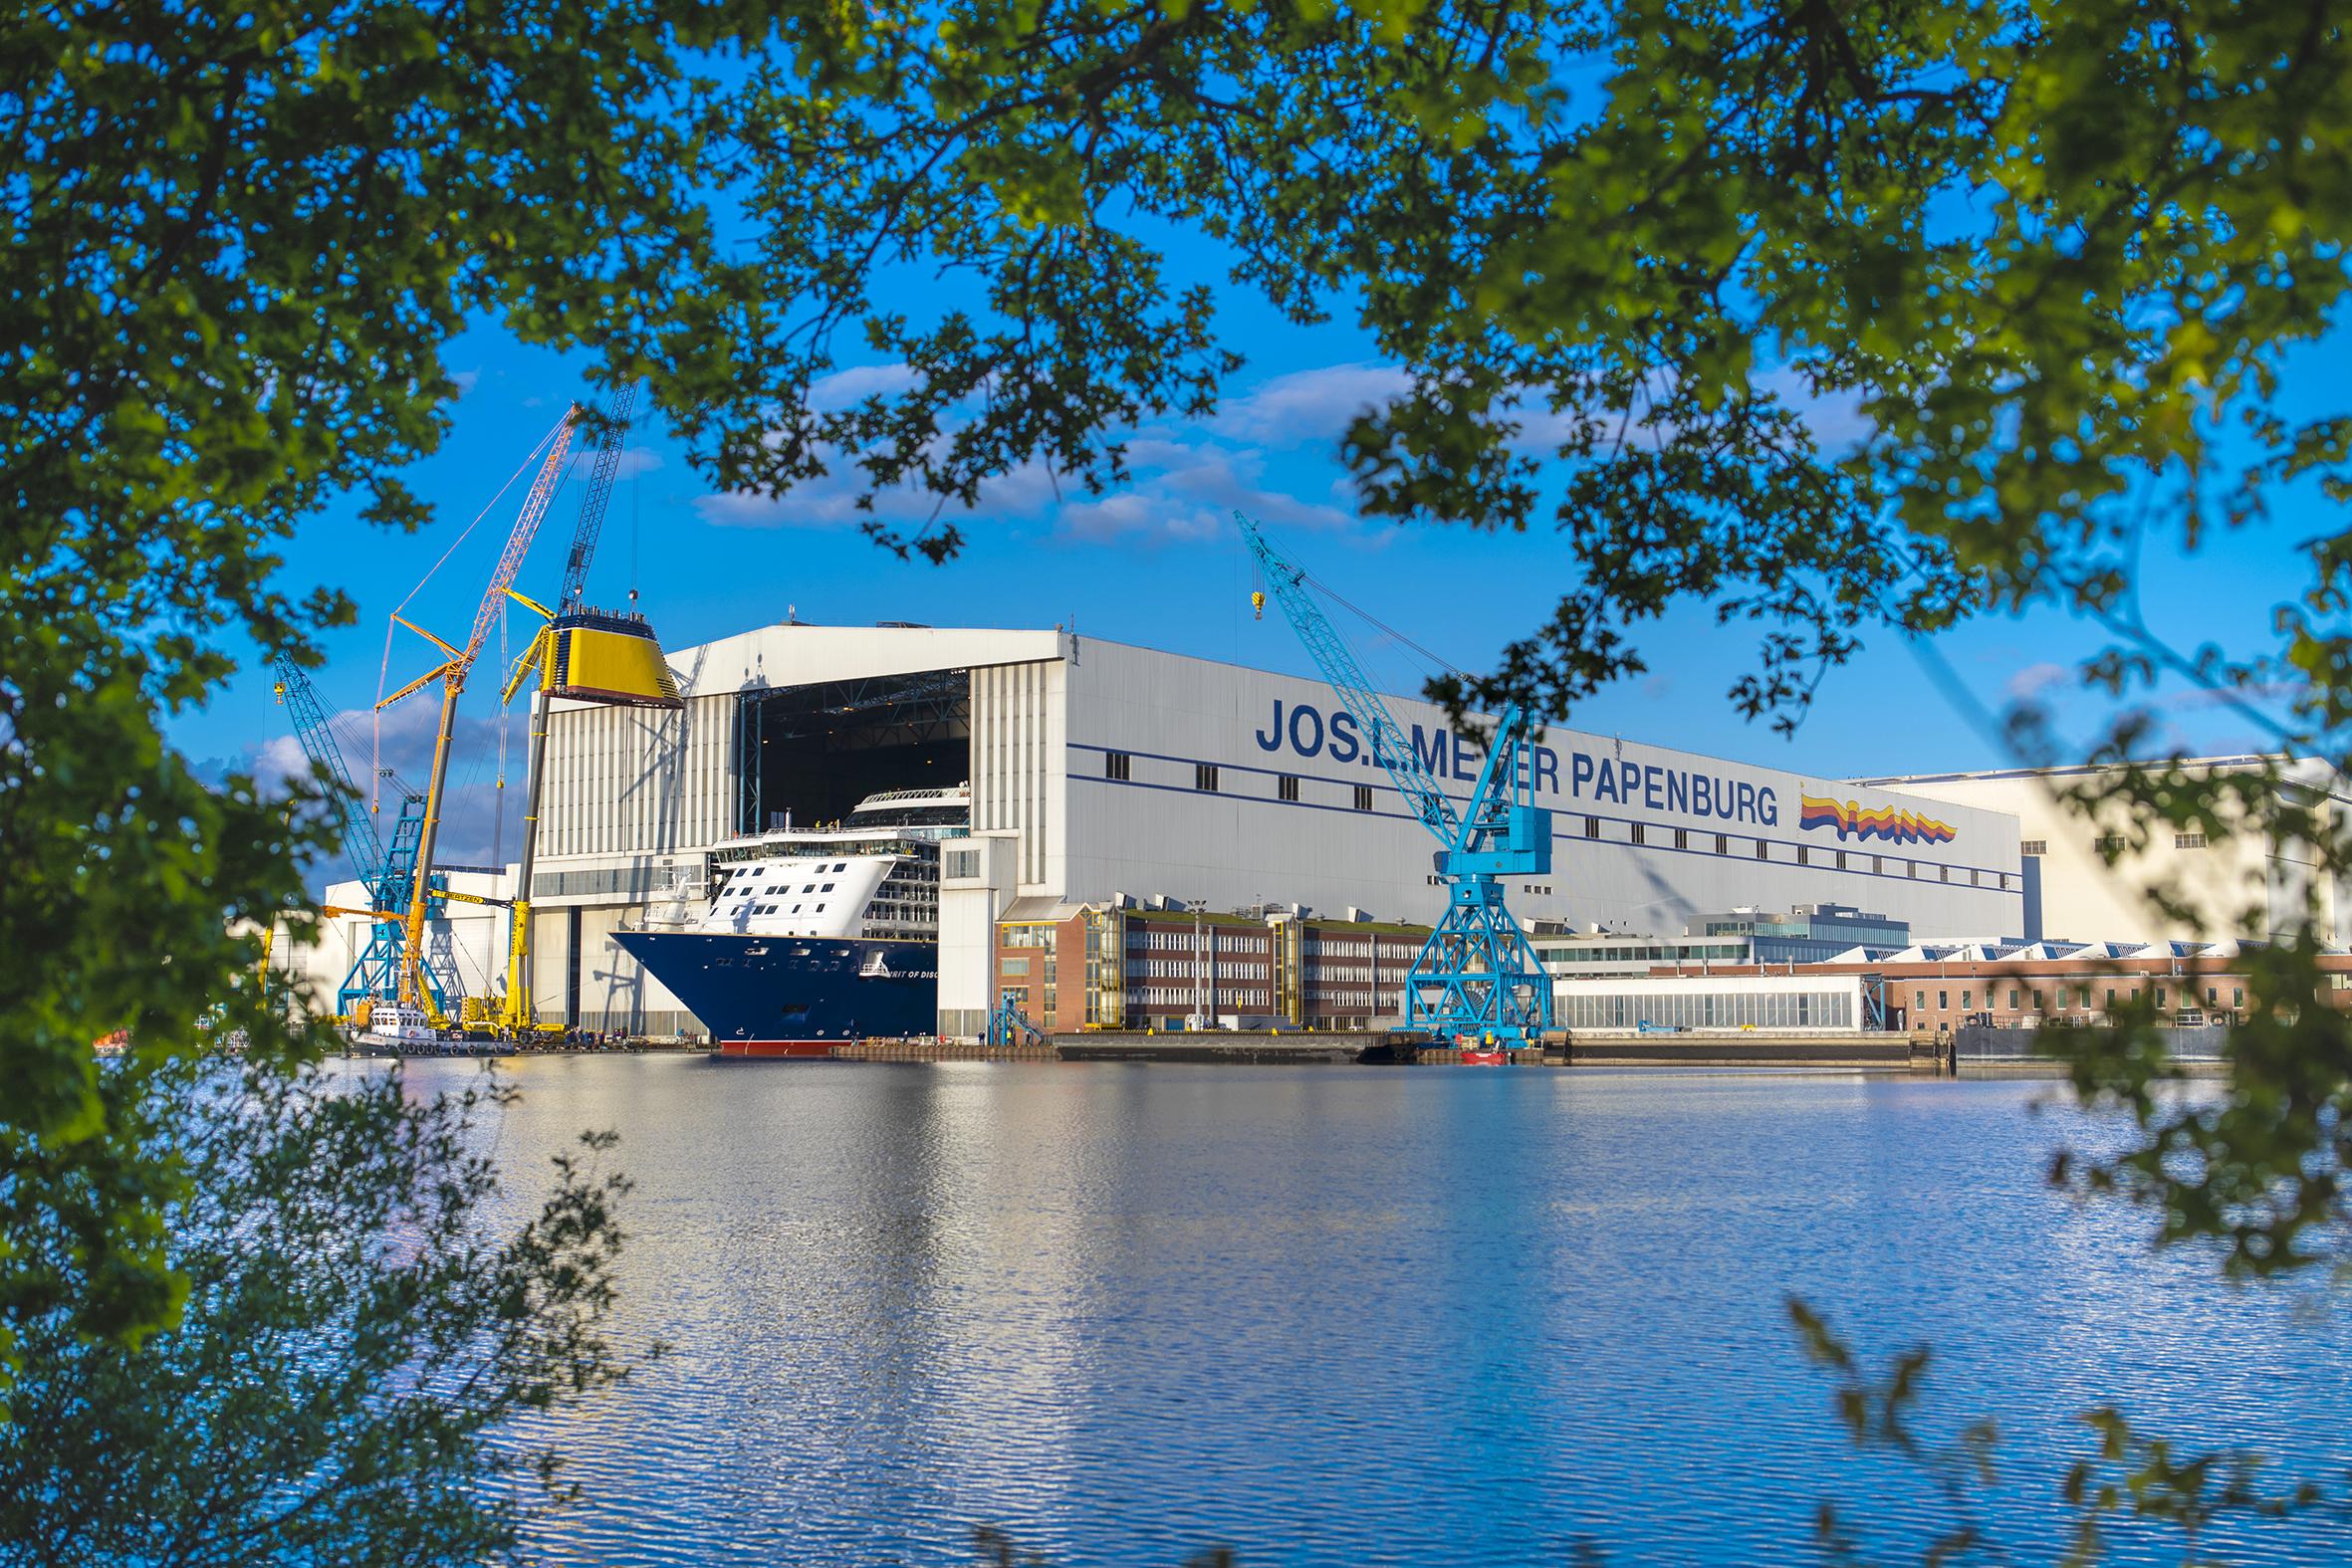 Meyer Werft i det nordvestlige Tyskland bygger allerede mange krydstogtskibe. Nu er rederiet klar med en futurisk model, der vil være verdens suverænt krydstogtskib. Pressefoto: Meyer Werft.